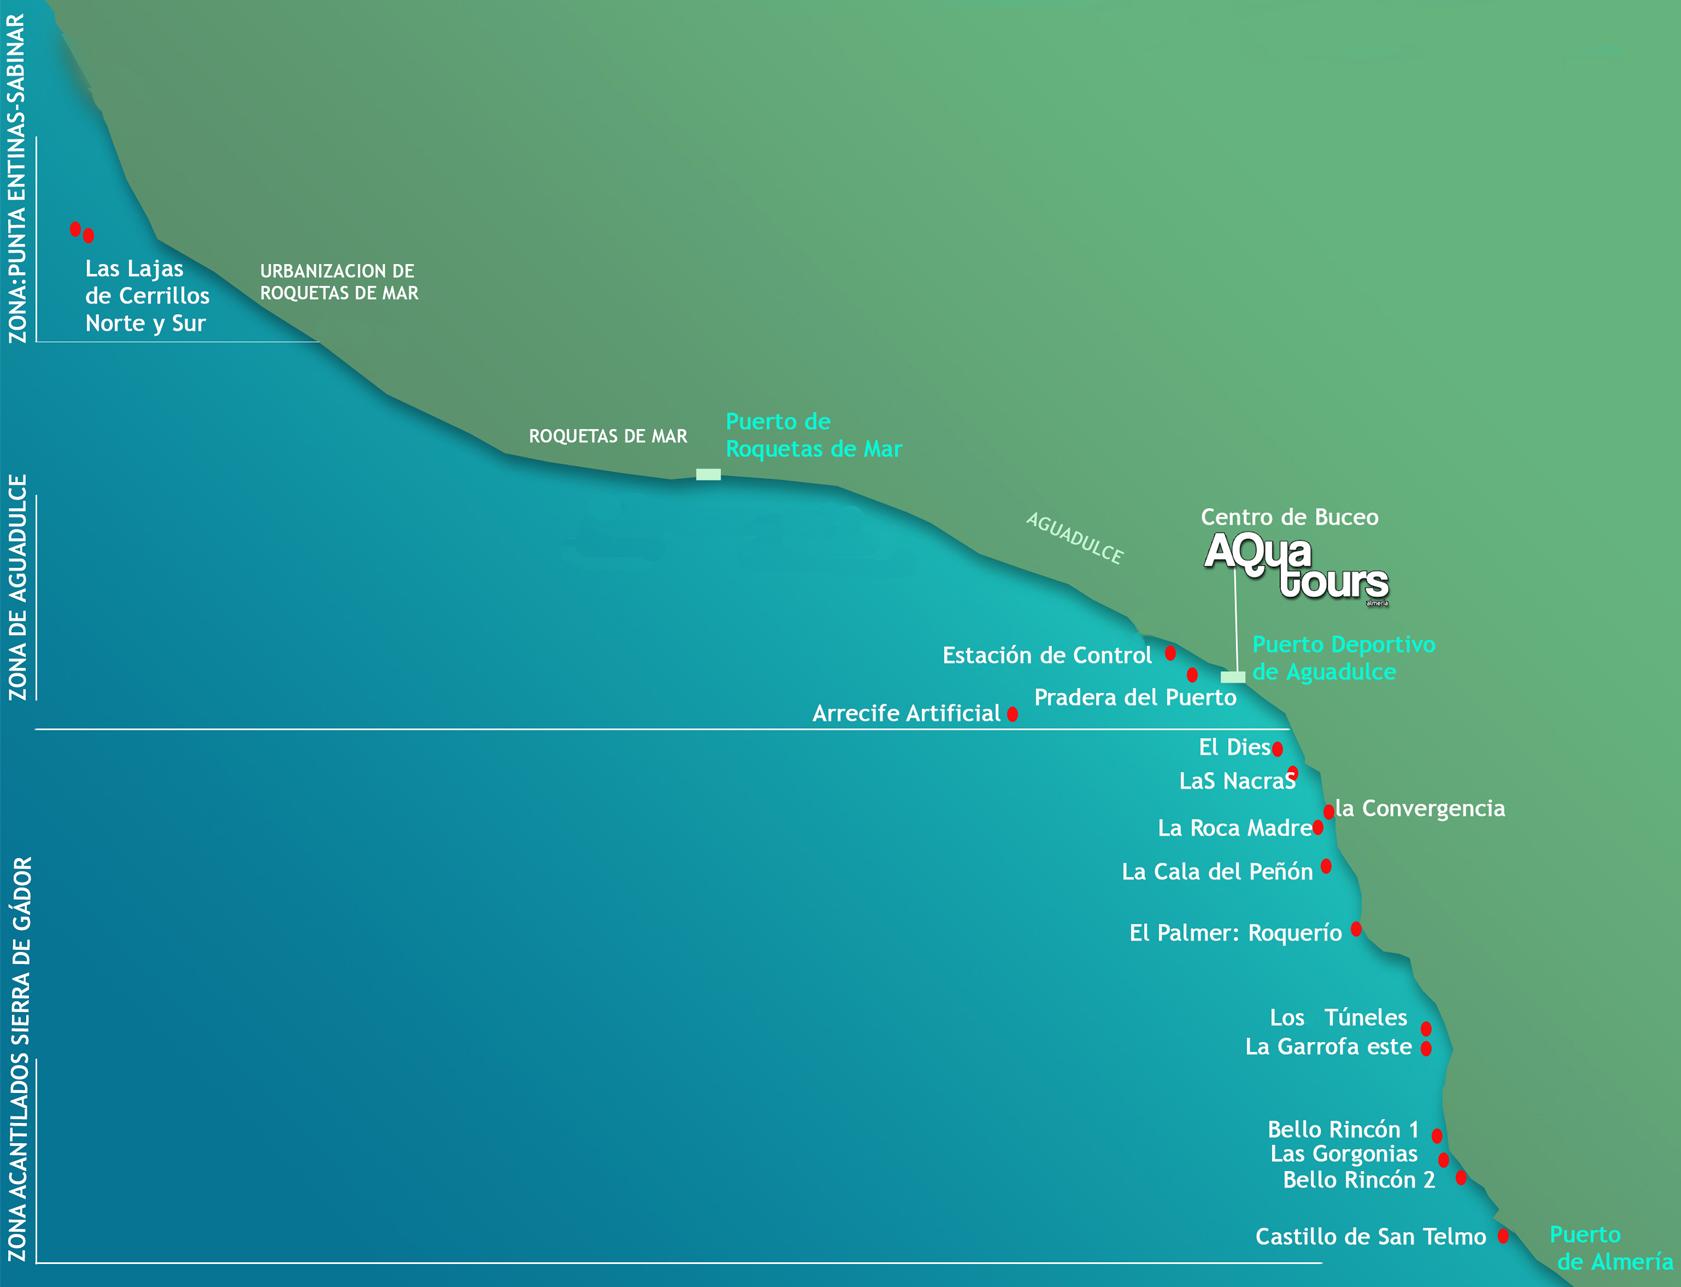 mapa de buceo 2